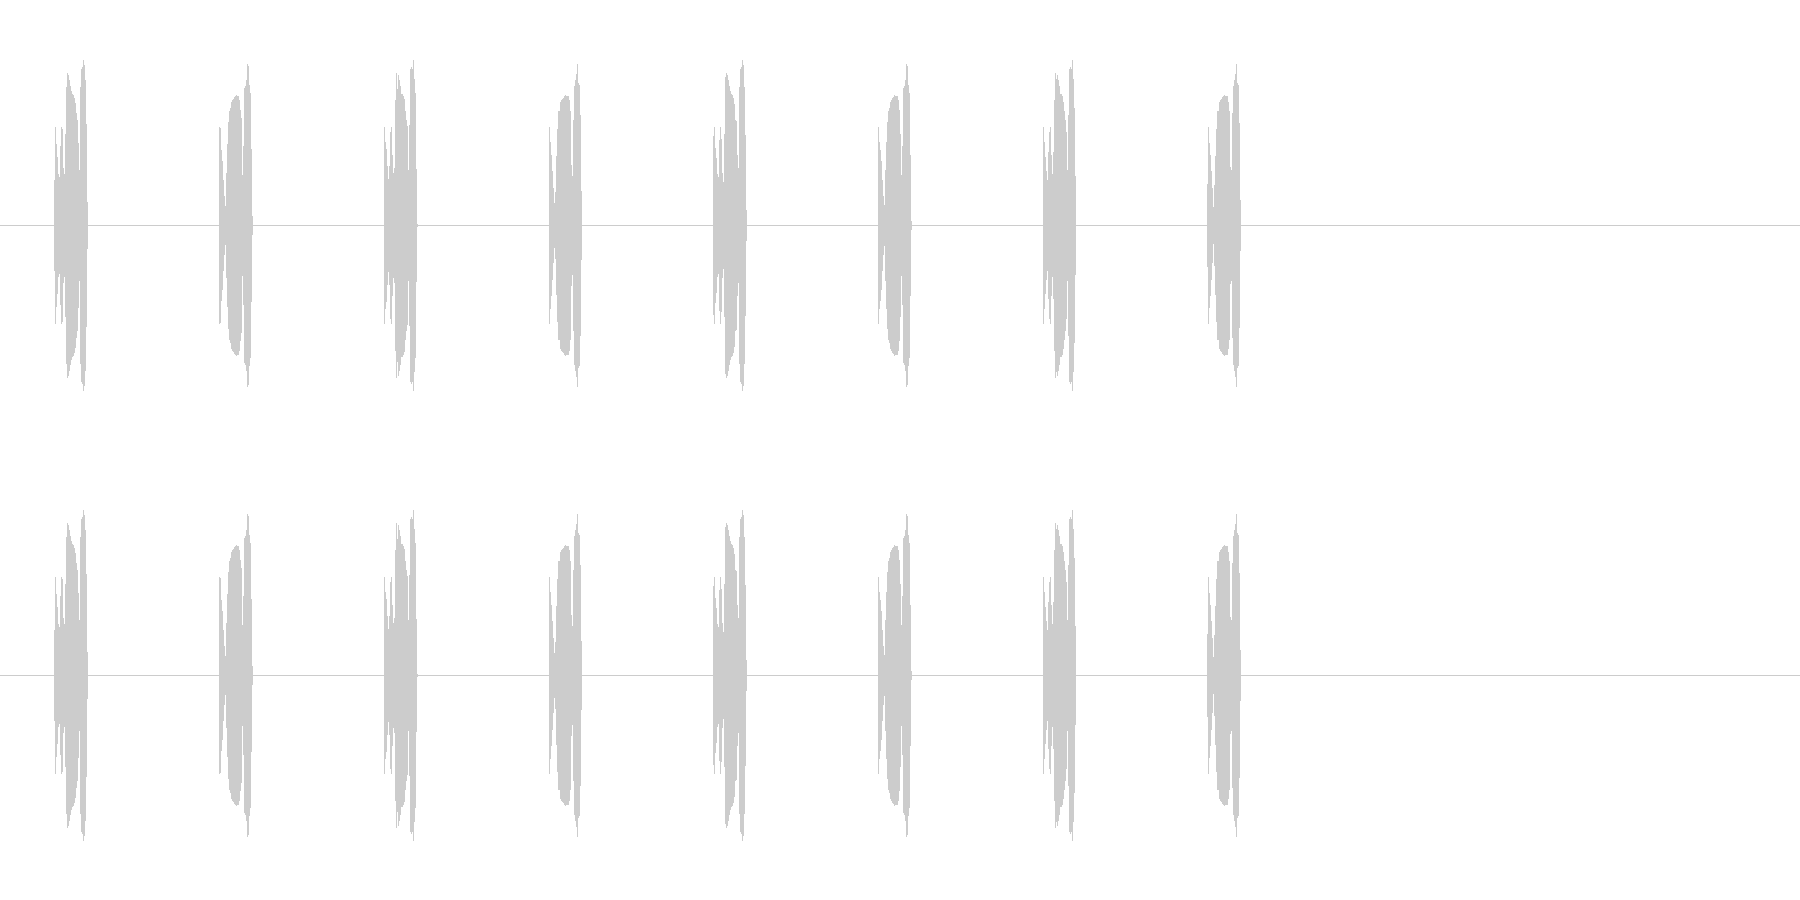 コミカルな足音 A-4-3の未再生の波形